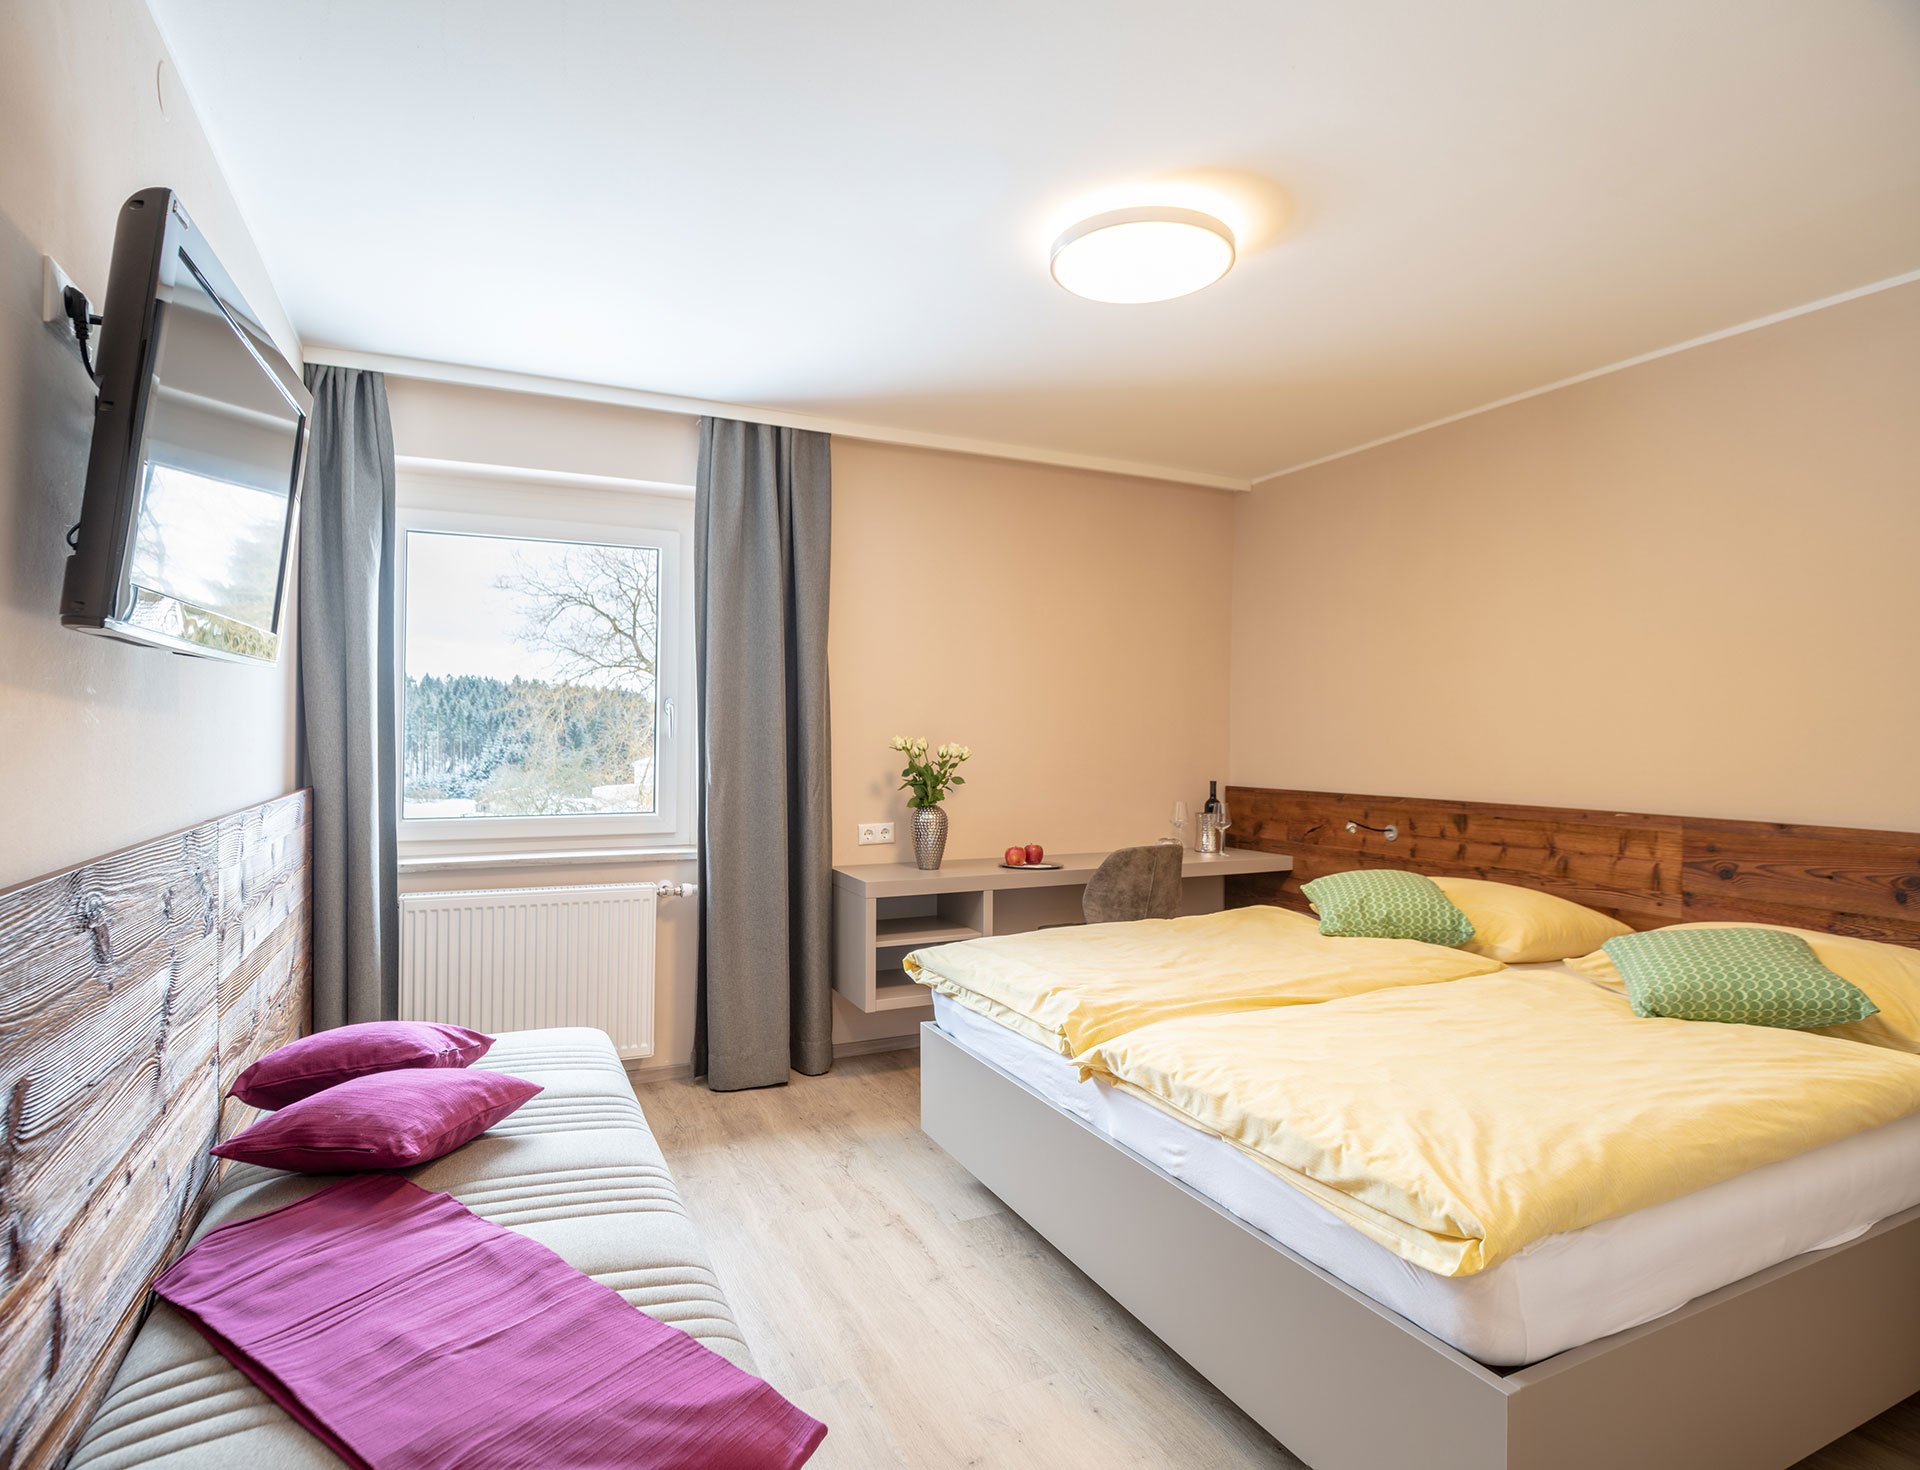 Hotel Freistadt Oberösterreich |Doppelzimmer | Nächtigen beim Forellenwirt in Mitterbach